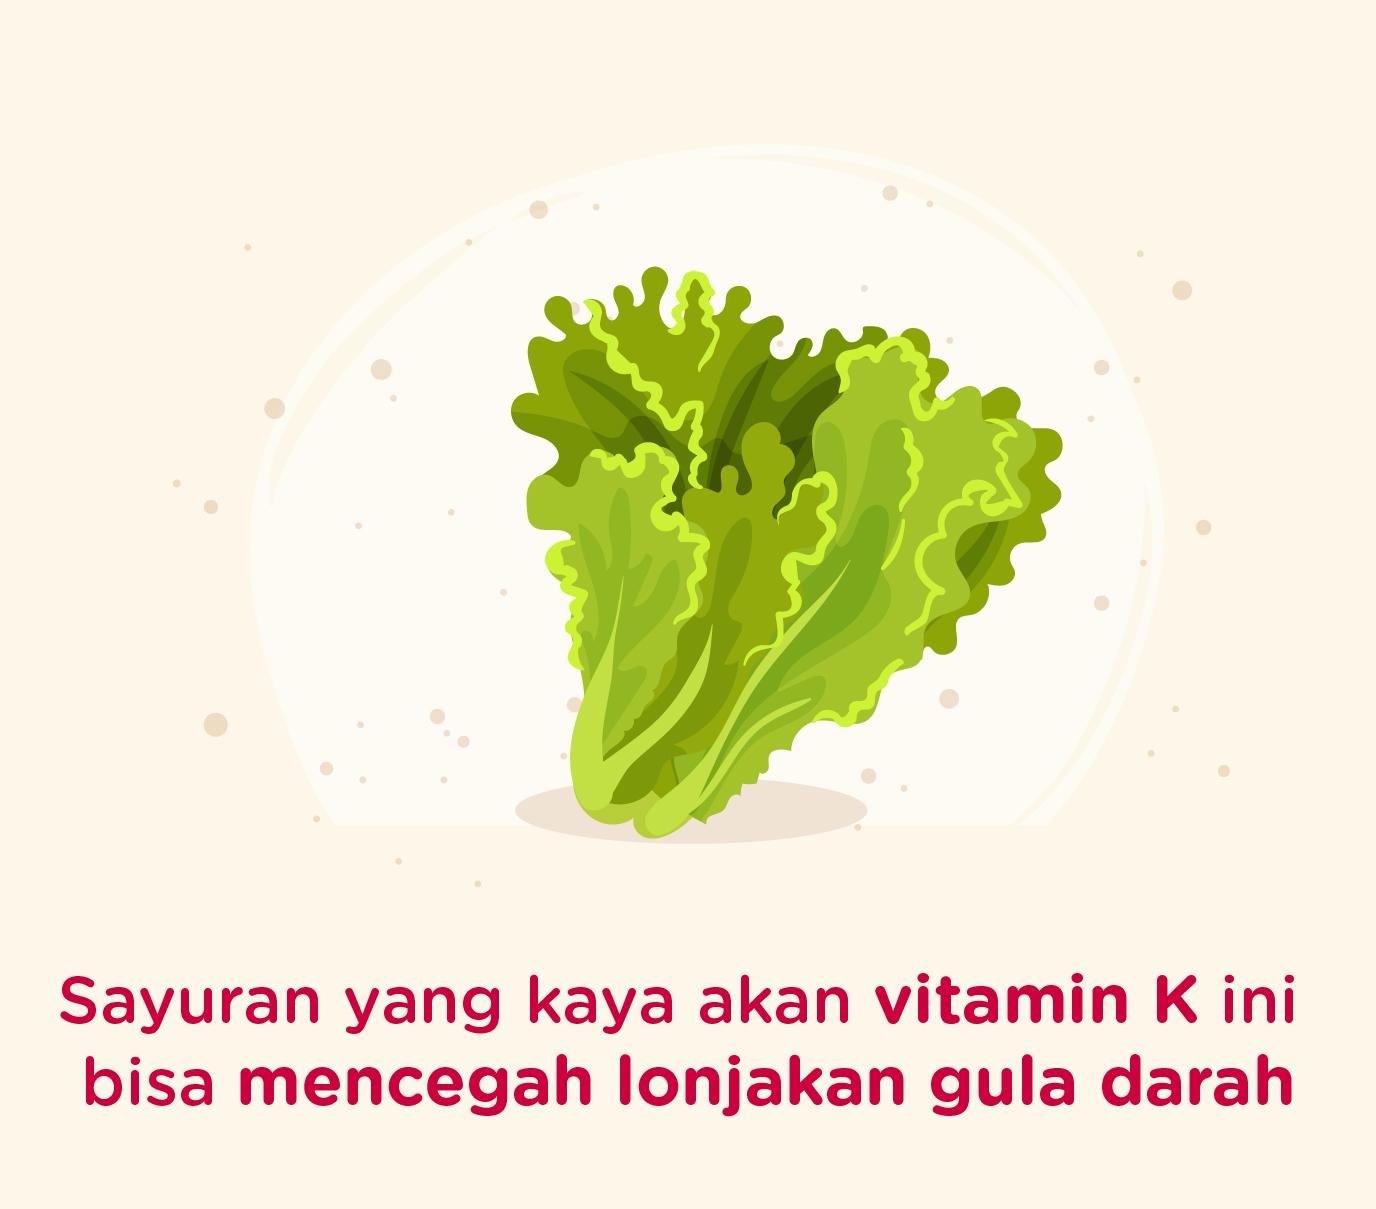 Selada mengangung vitamin K yang tinggi untuk mencegah lonjakan gula darah